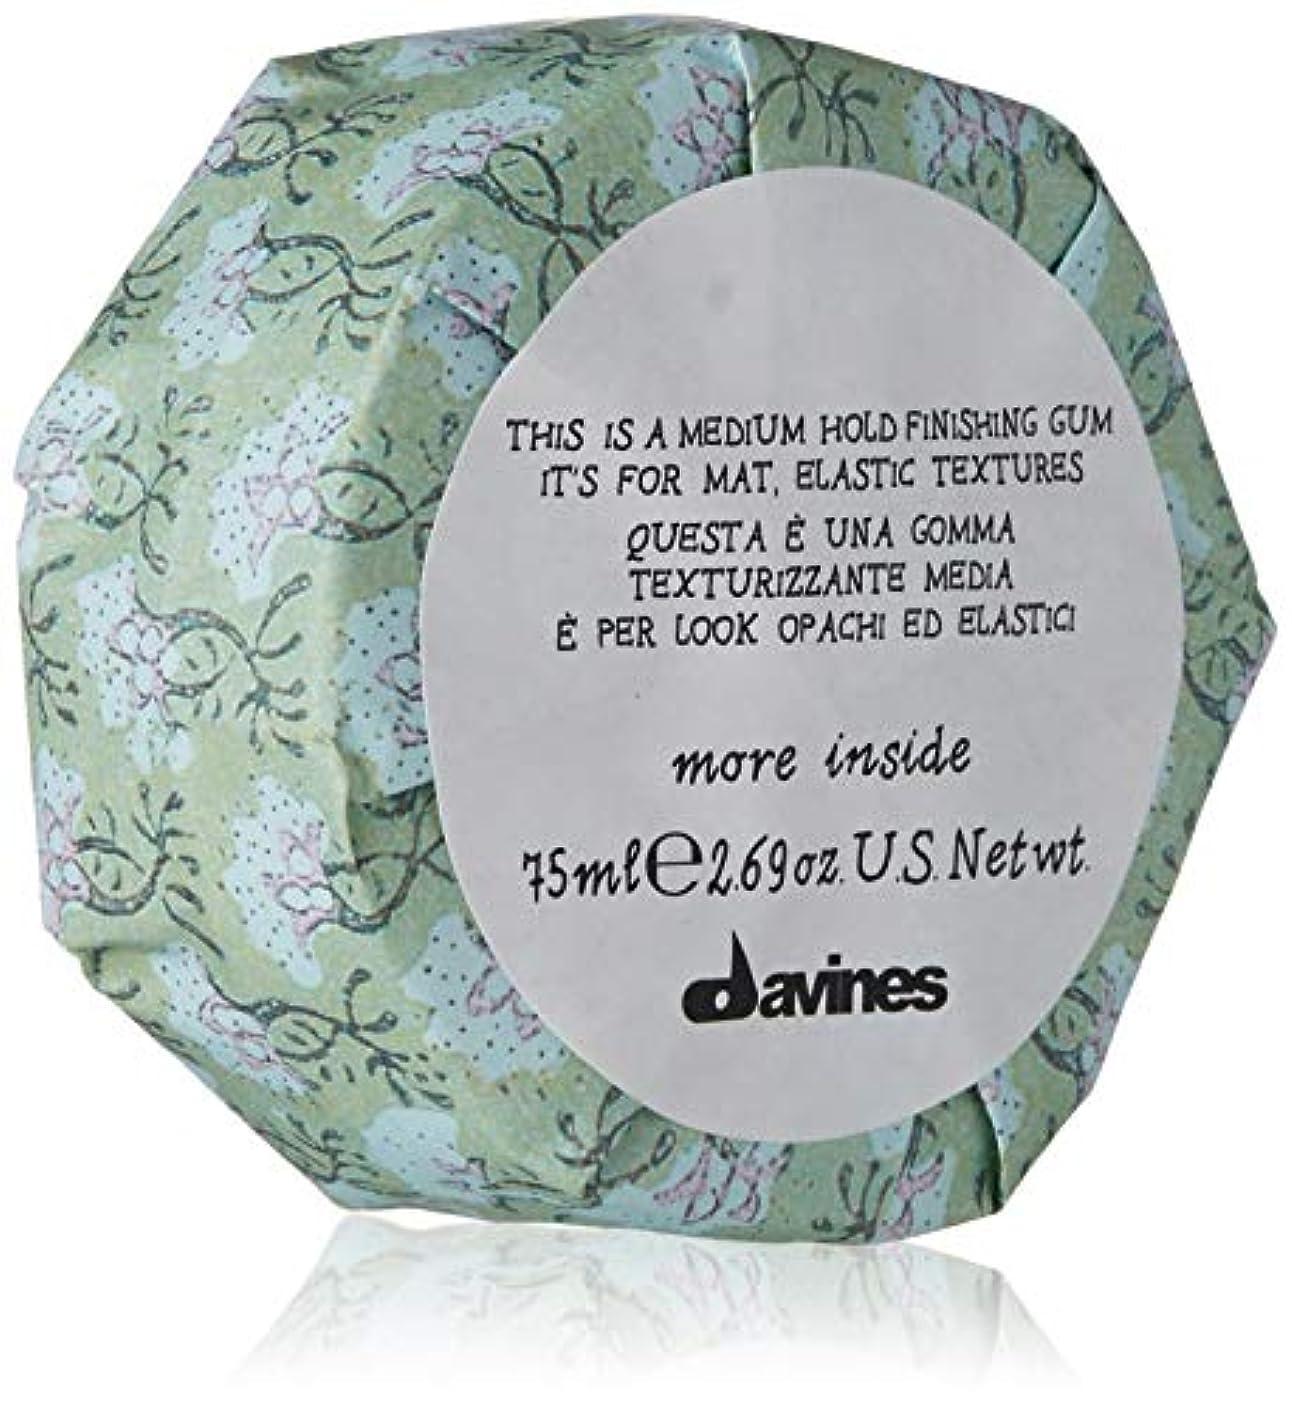 資本ブラスト豆腐ダヴィネス More Inside This Is A Medium Hold Finishing Gum (For Mat, Elastic Textures) 75ml/2.69oz並行輸入品